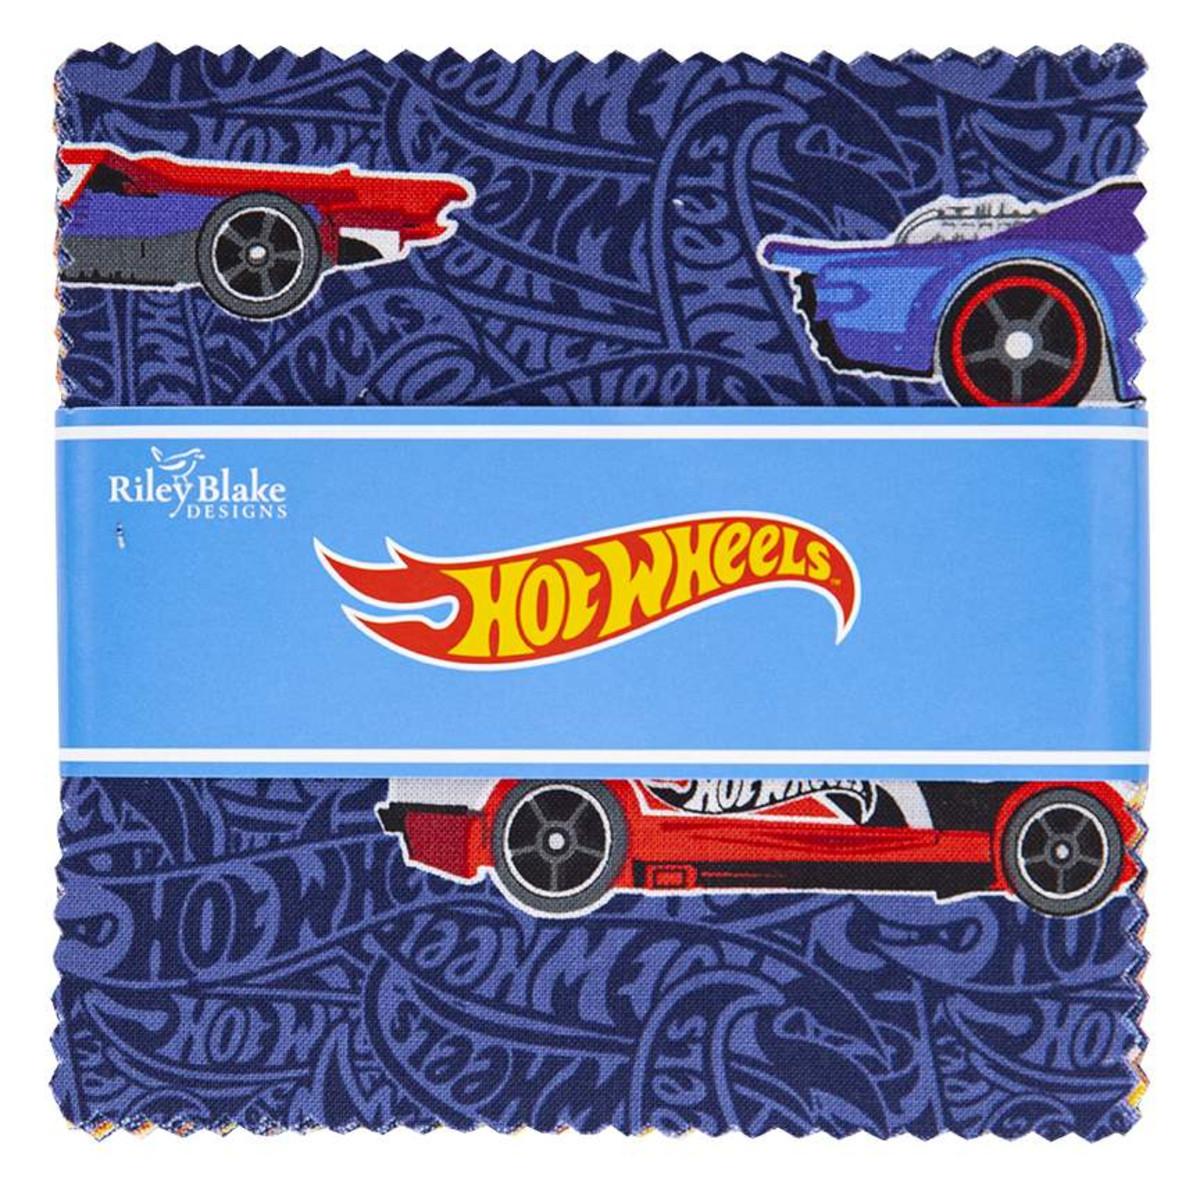 Riley Blake Charm Pack - Hot Wheels